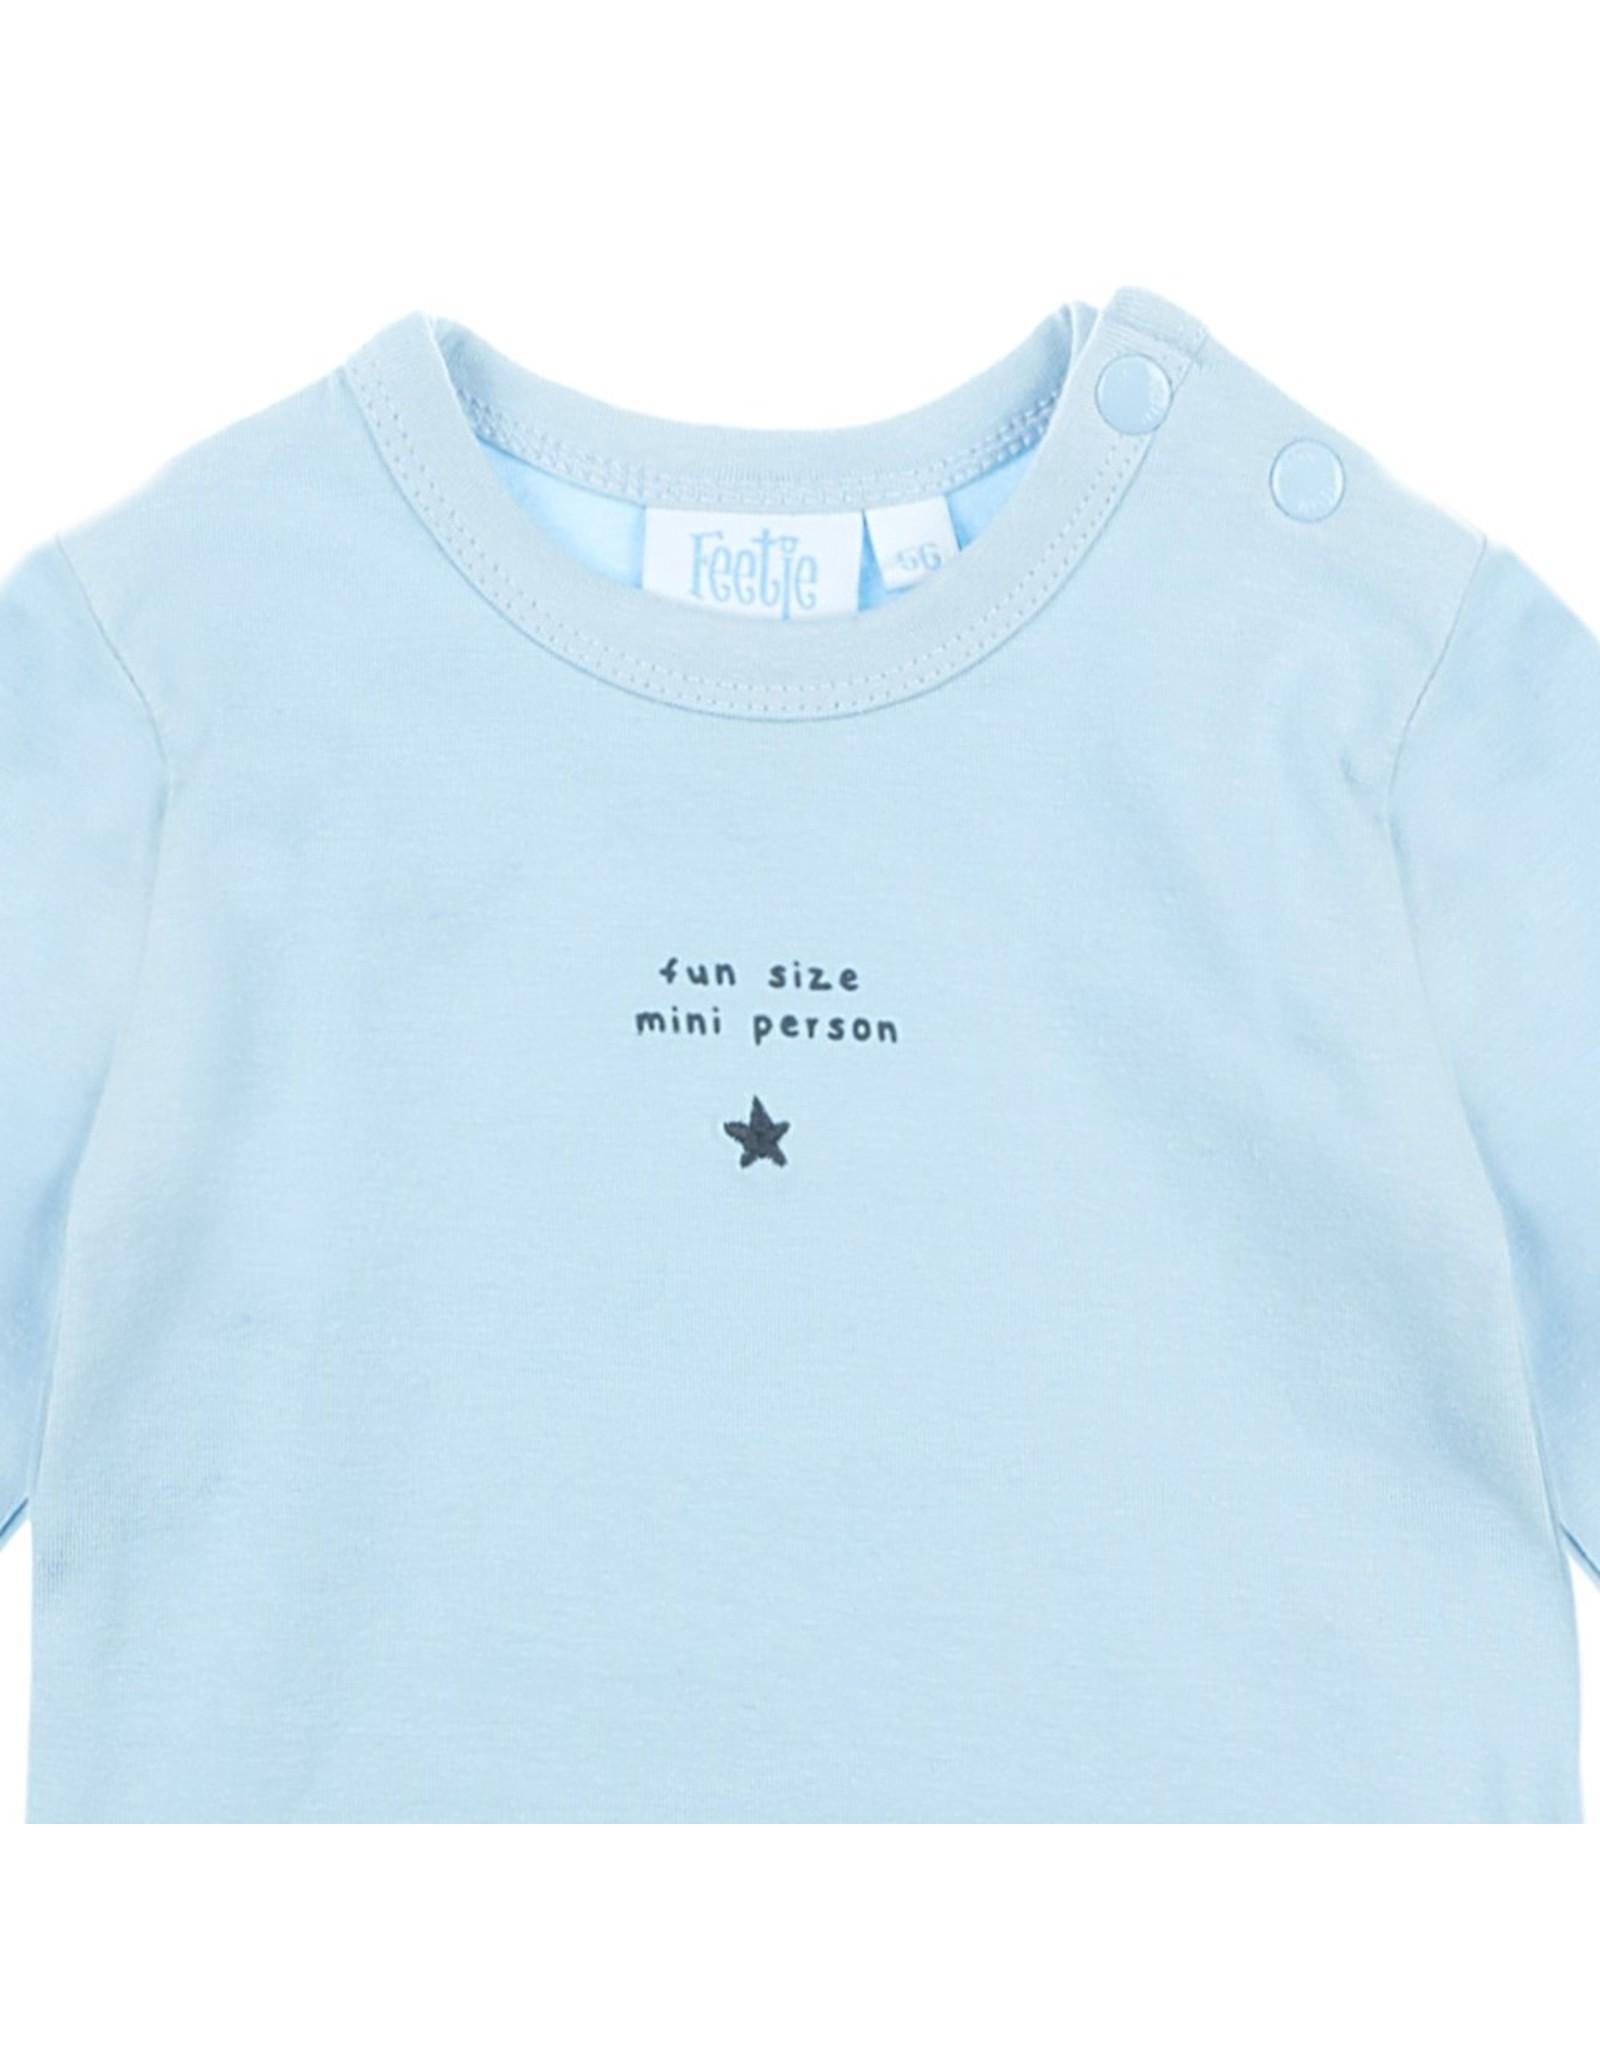 Feetje Longsleeve Fun Little Person - Mini Person Blauw